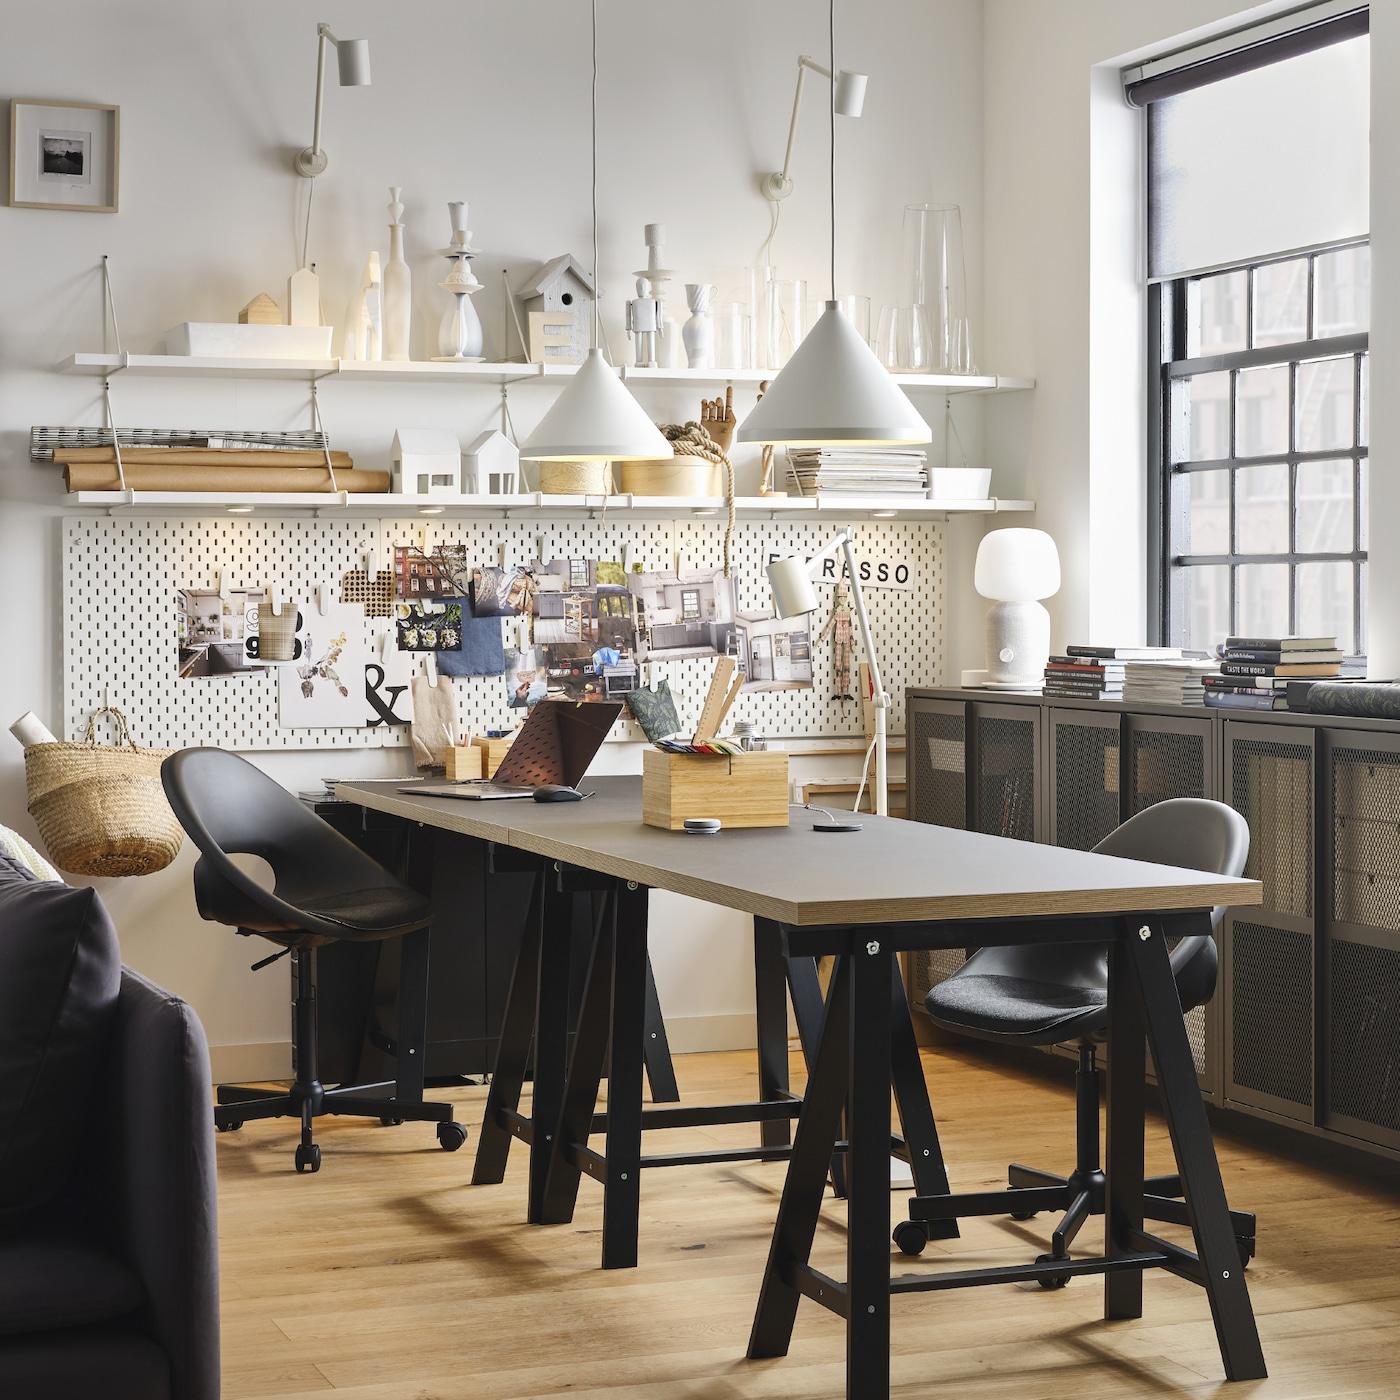 Arbetsplats med två svarta bord och två svarta arbetsstolar, två vita taklampor och vita vägghyllor.